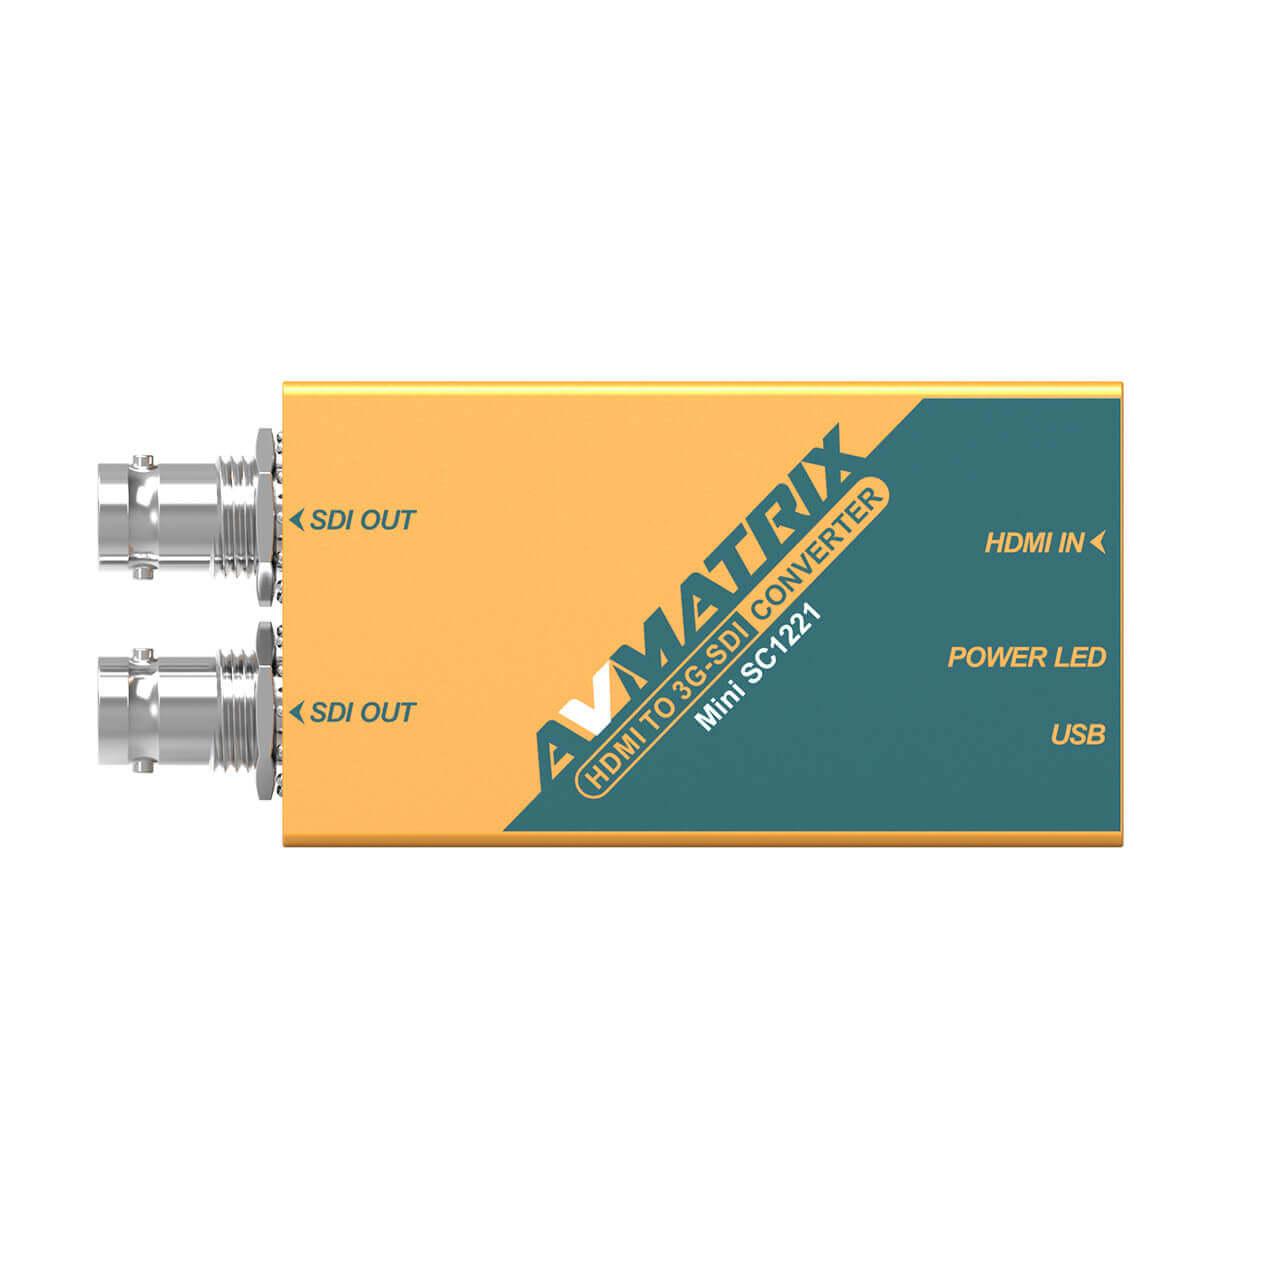 【2020.8月5日新発売】東通販取扱製品紹介 AVMATRIX社製 MINI_SC1221 HDMI to 3G-SDI ミニコンバーター 【AM-4】